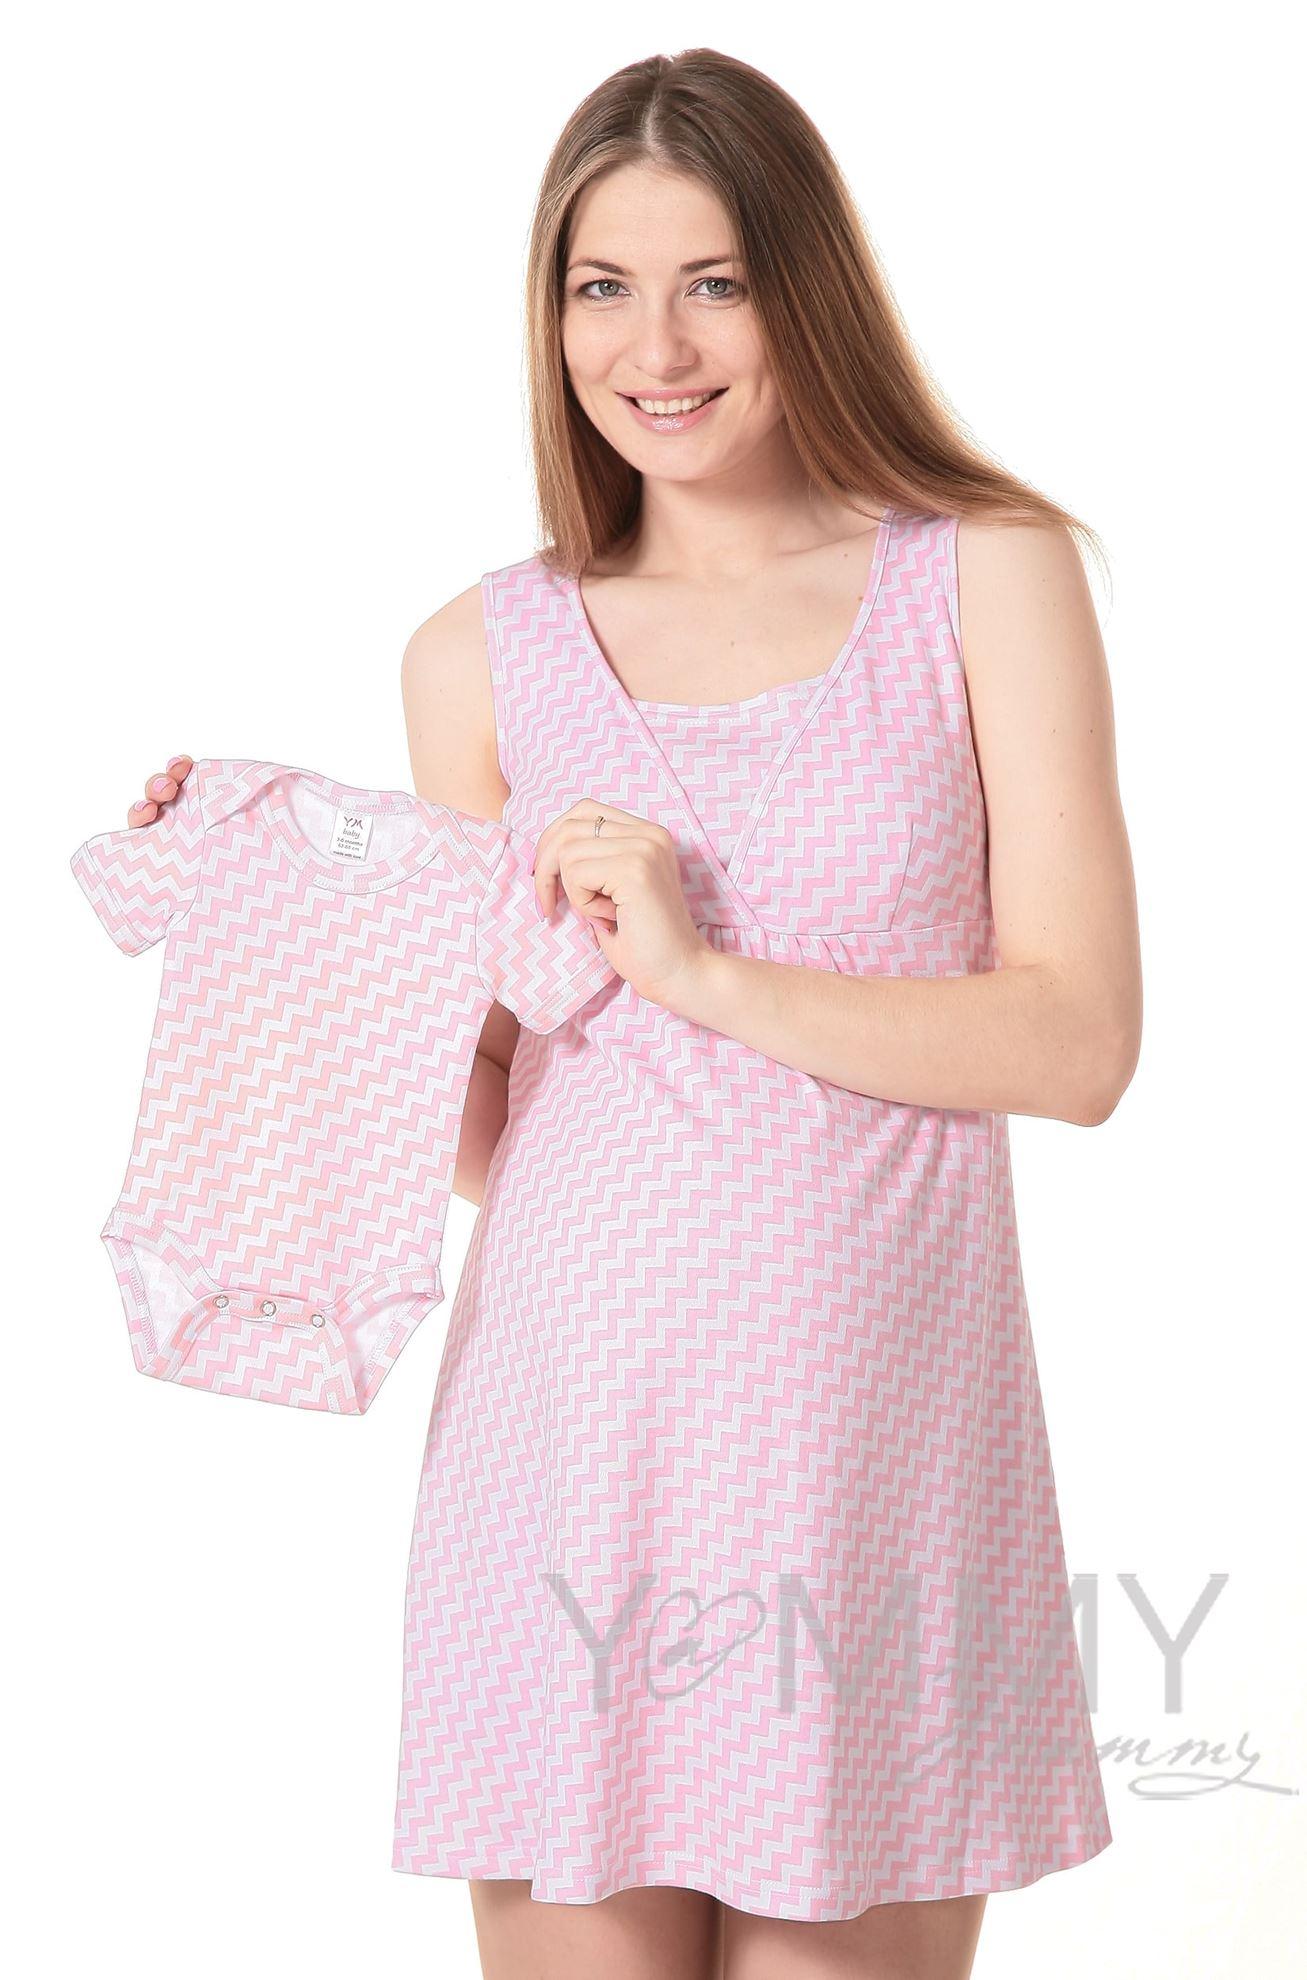 """Изображение                               Боди с коротким рукавом розовый """"зиг-заг"""""""